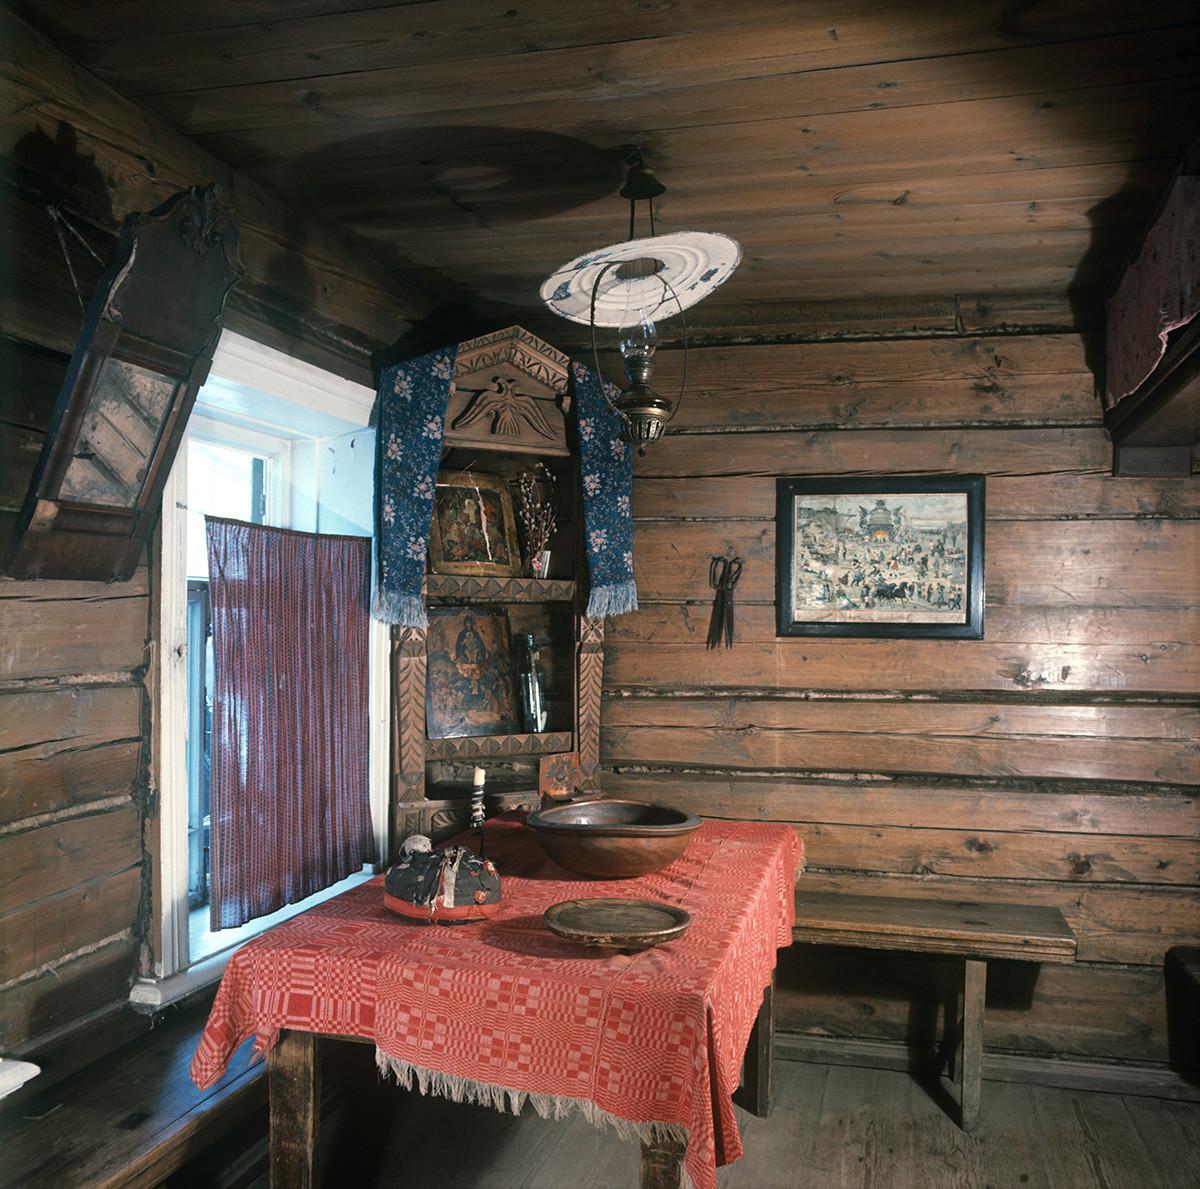 Gorkis Kindheit Museumshaus, die Küche.